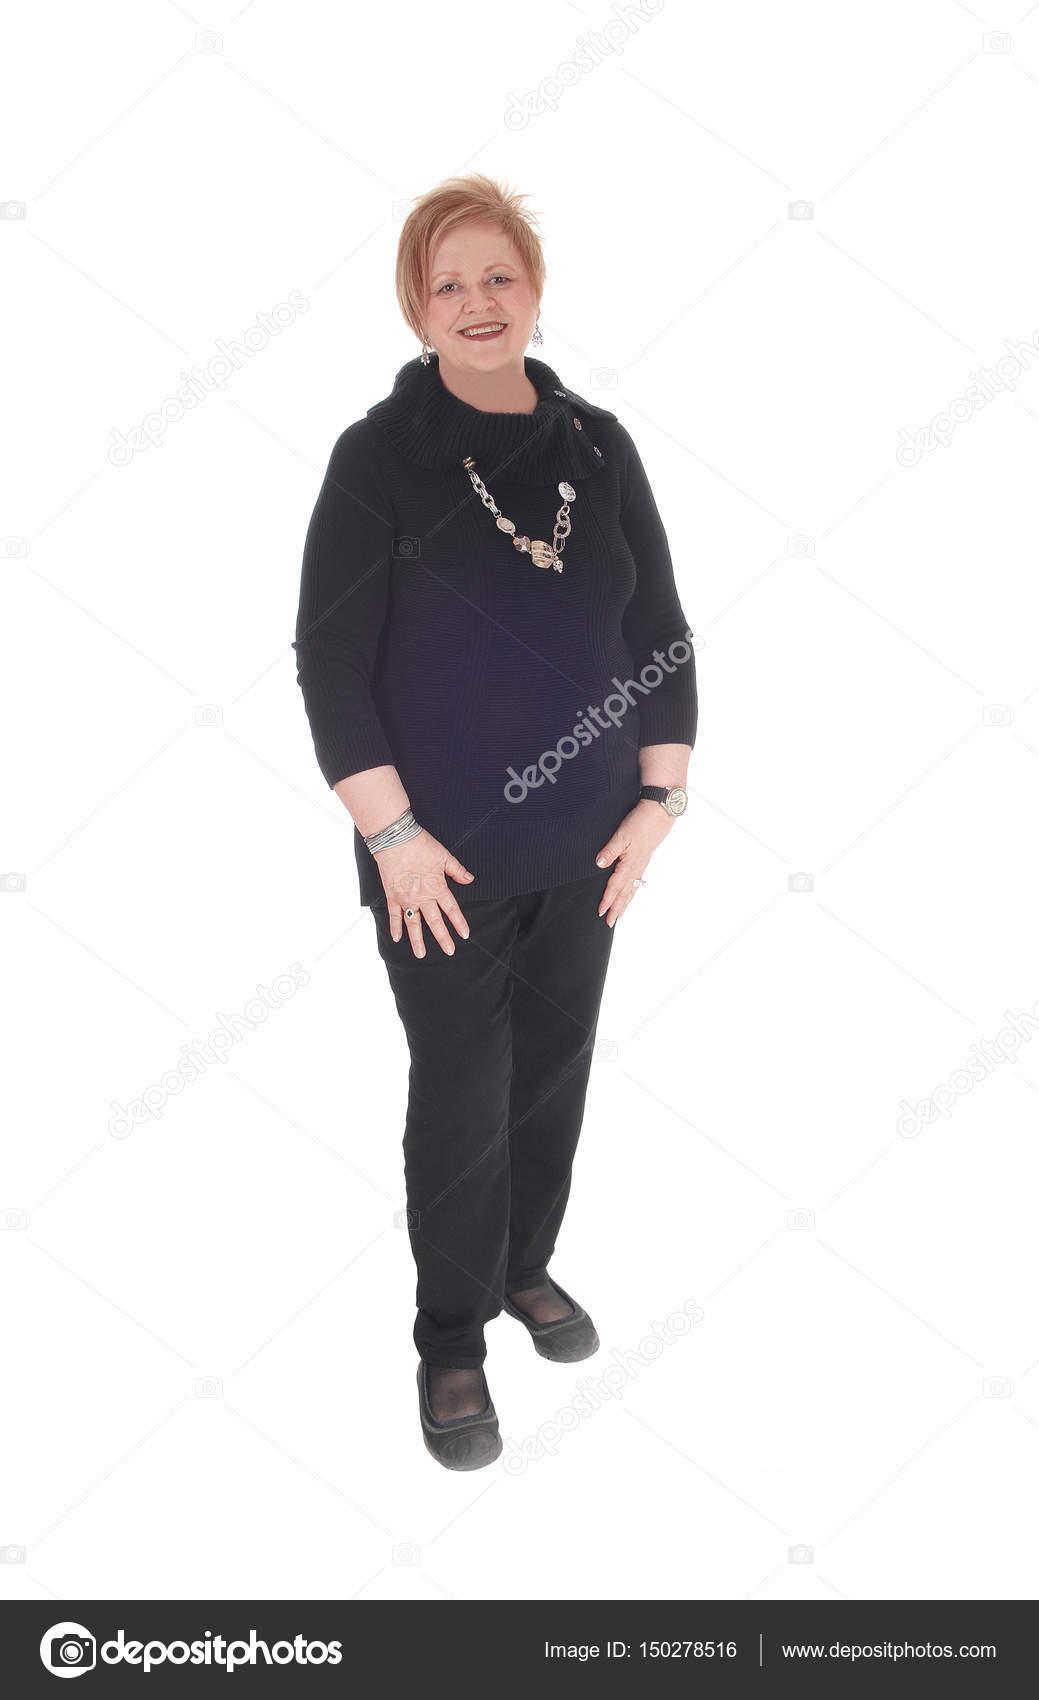 La mujer de negro vestida mas que vieja